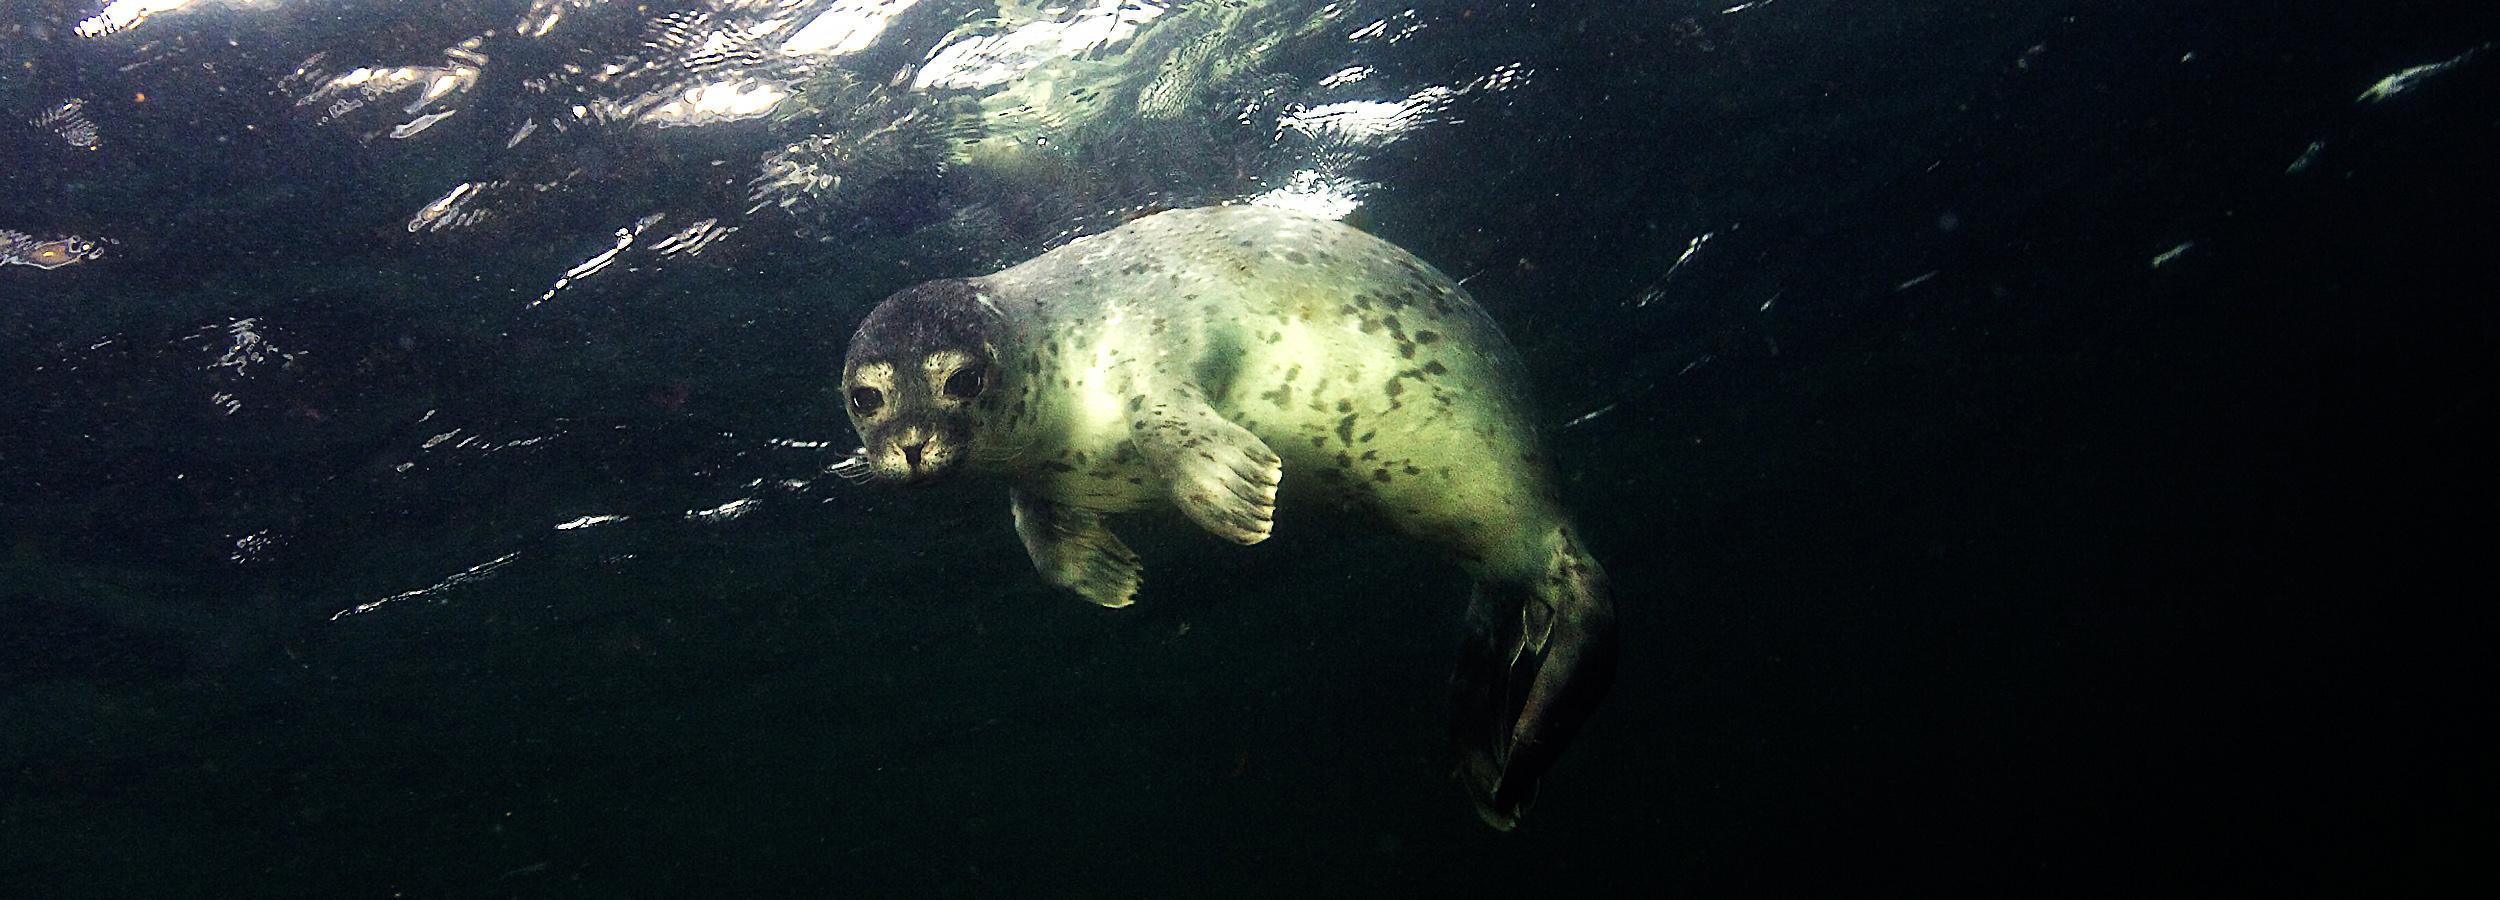 Ny havstrategi er en kæmpe maveplasker